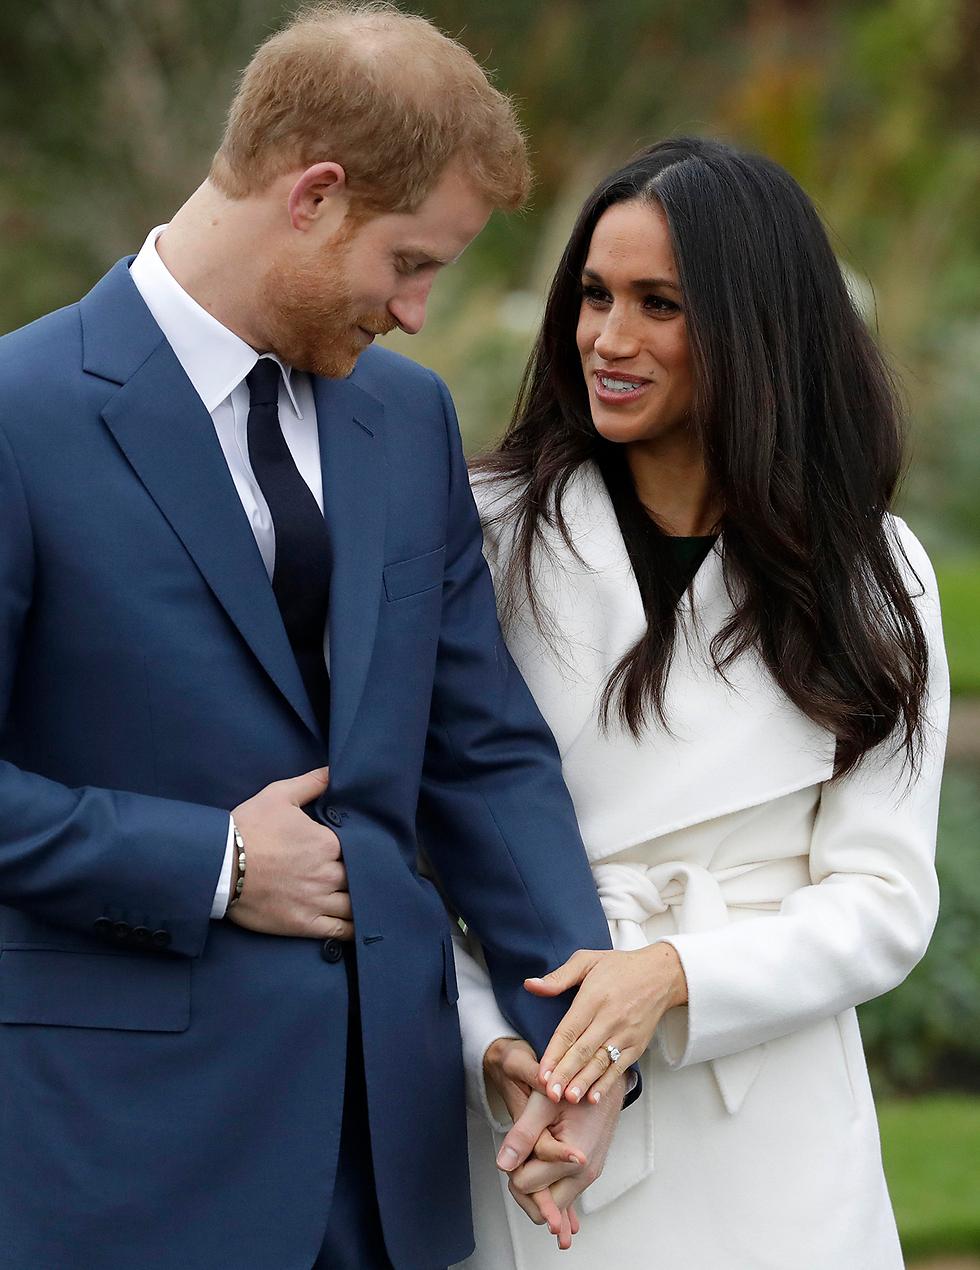 הנסיך הארי יגיע למסיבה הענקית? (צילום: AP) (צילום: AP)